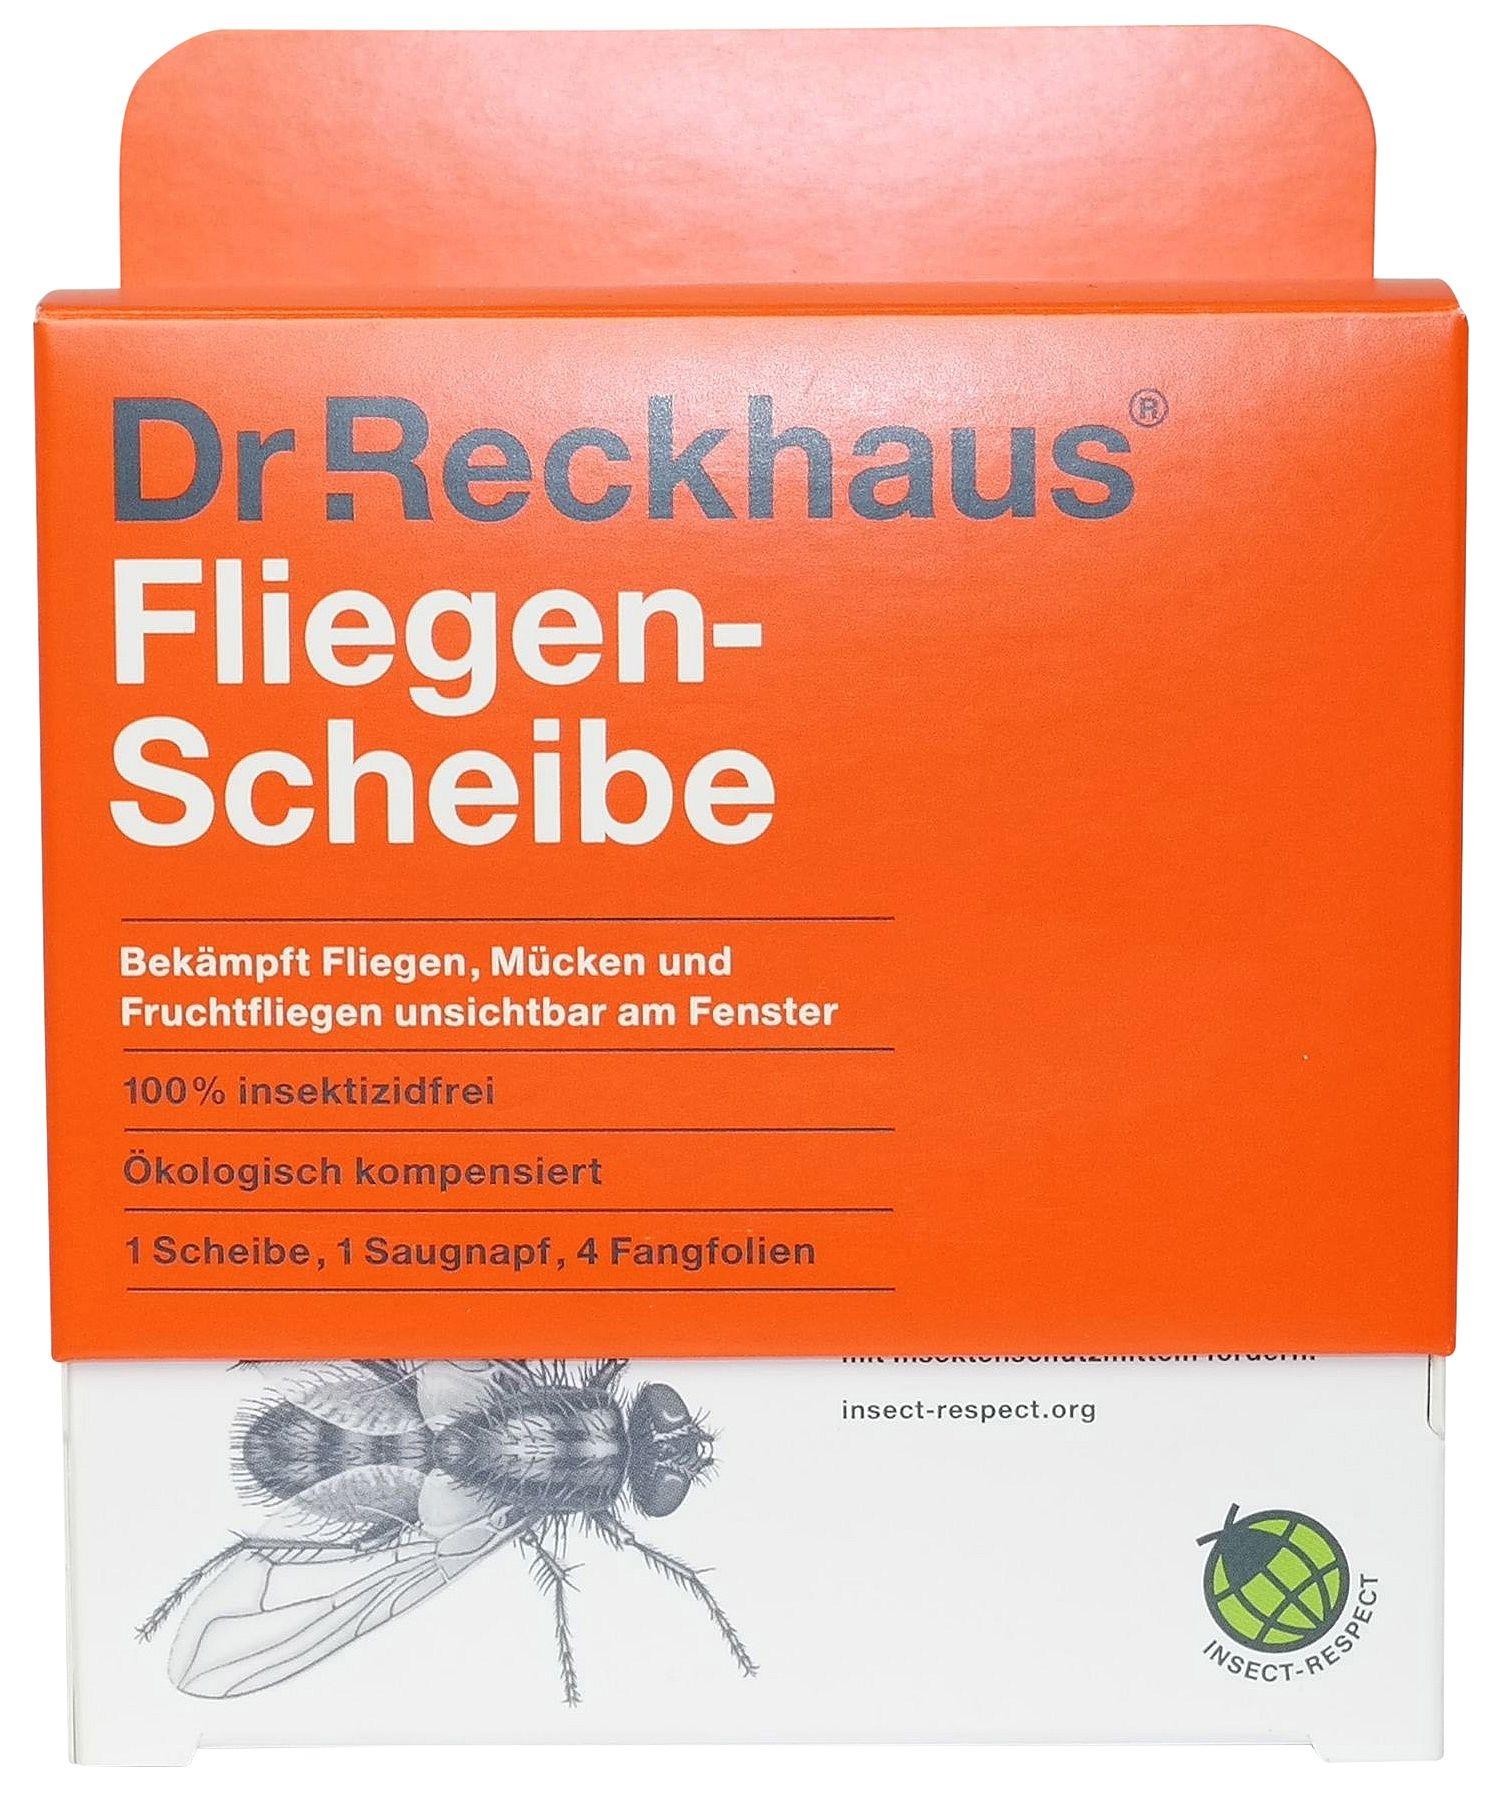 Neocid Expert Fliegen-Stopp - 12 Stk. | drogi.ch